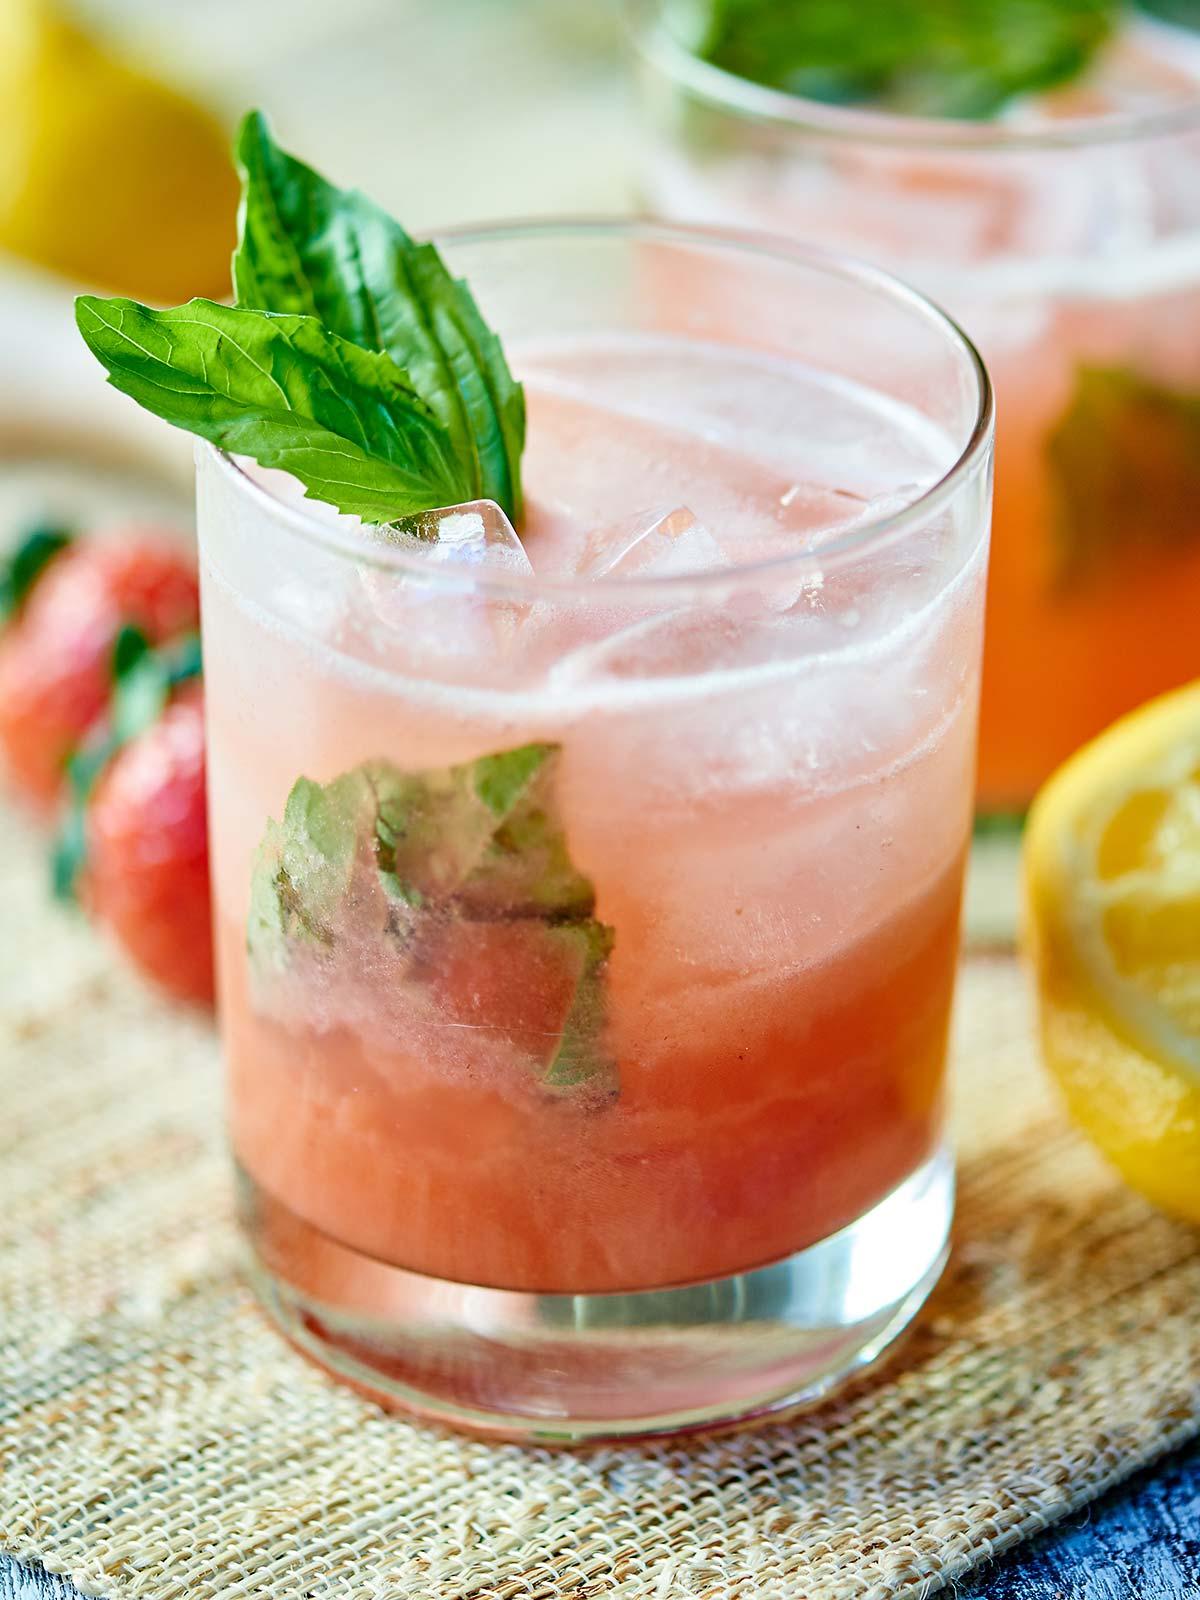 Strawberry Basil Gin Cocktail Dan330